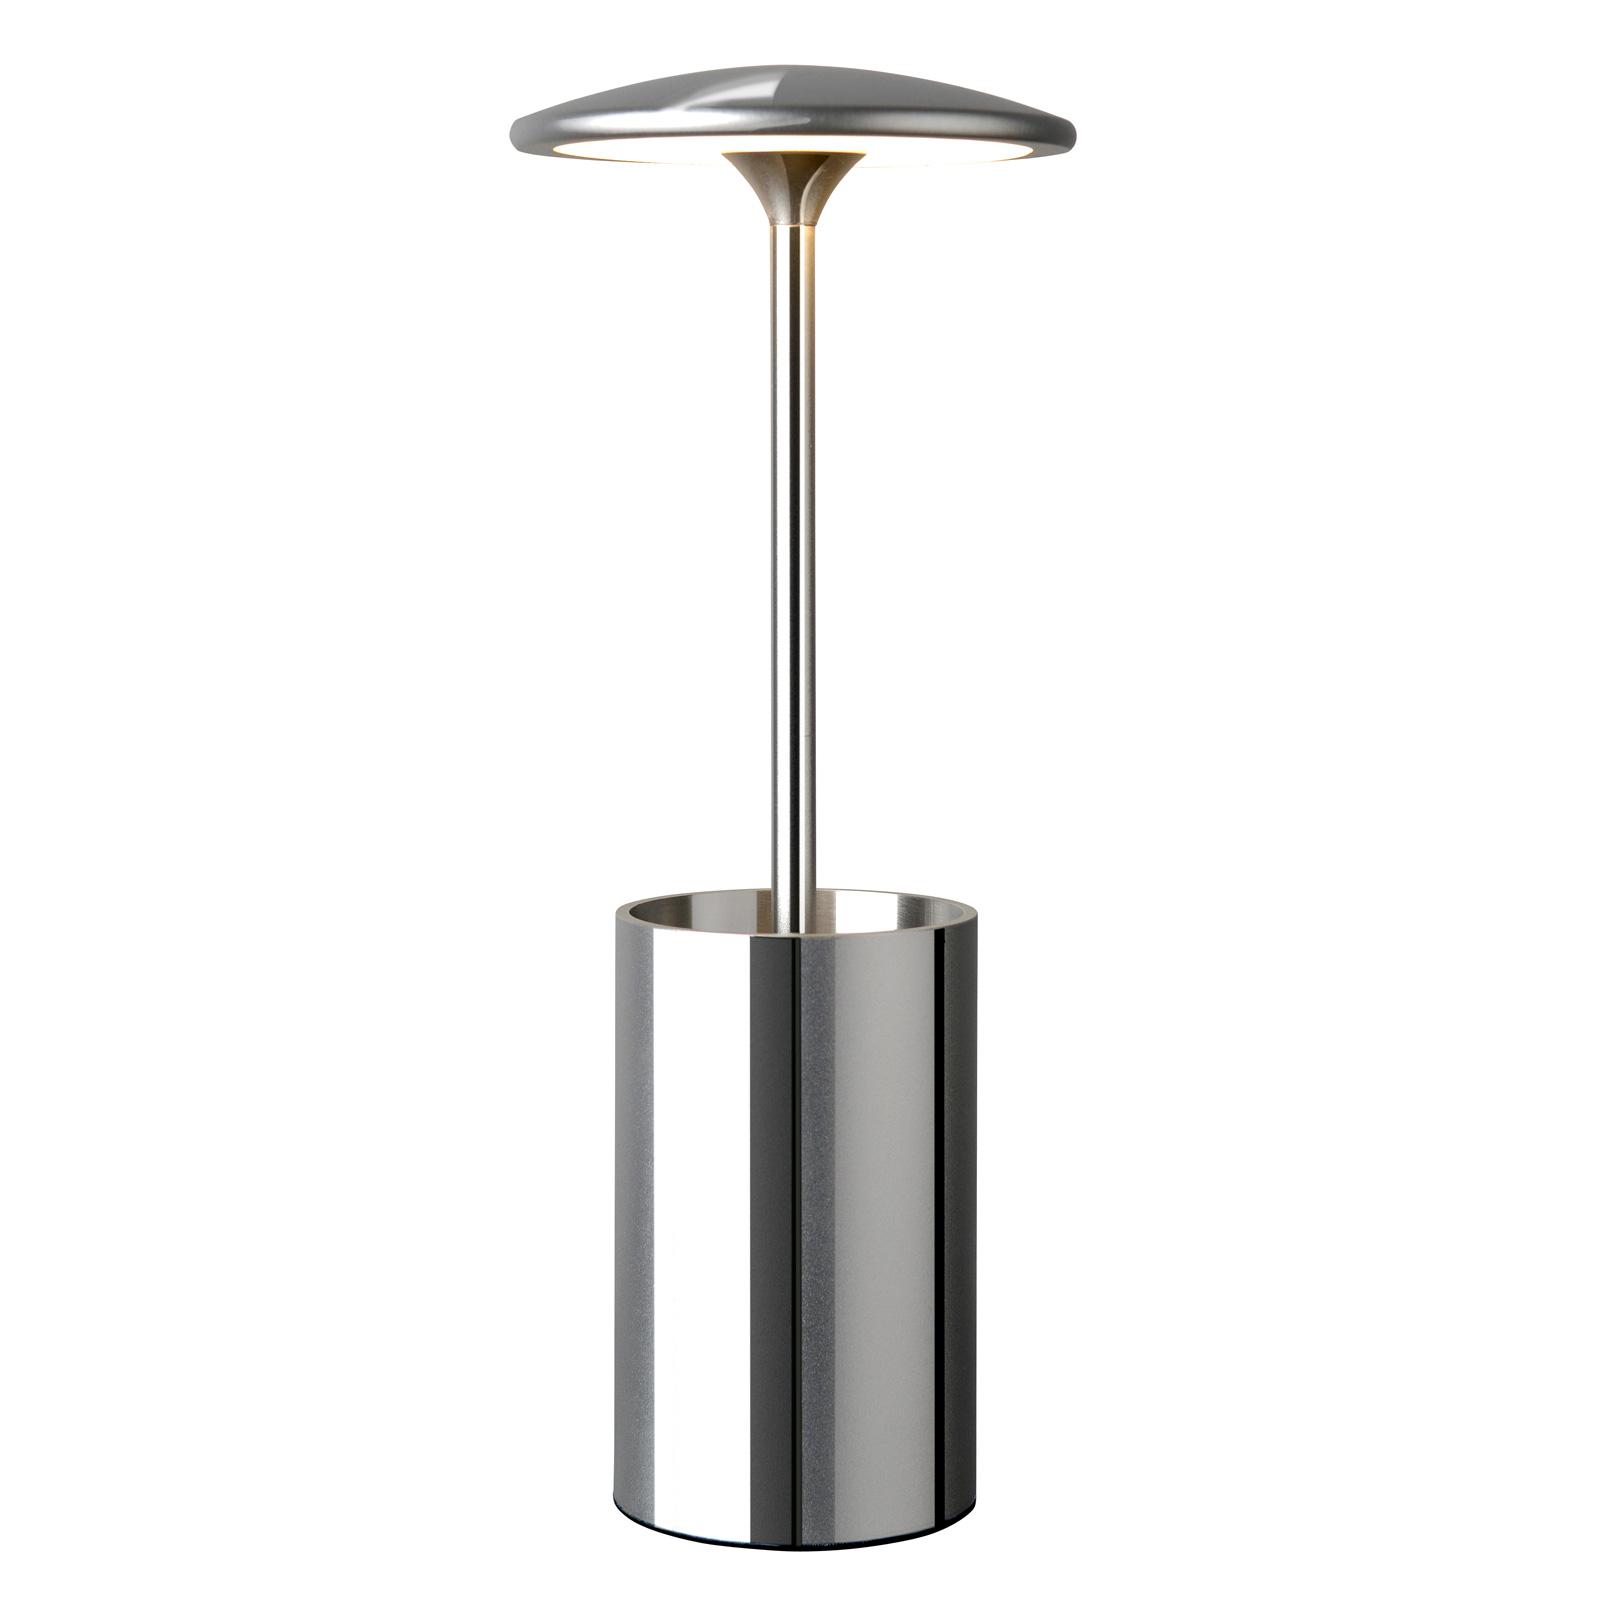 LED tafellamp Pott met opbergvat, chroom